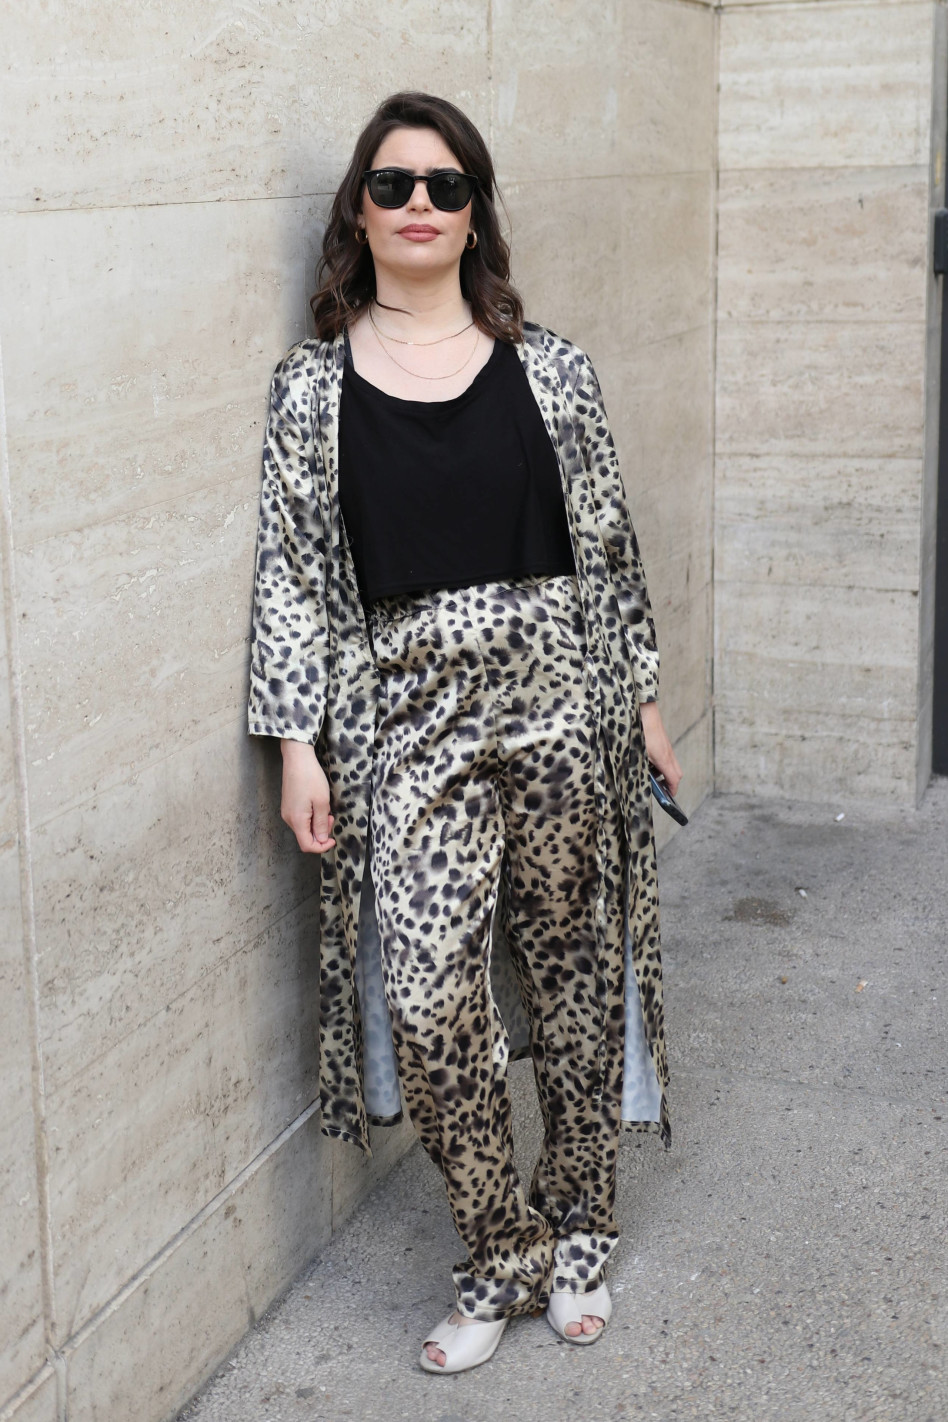 רות אלבז (צילום: אור גפן)